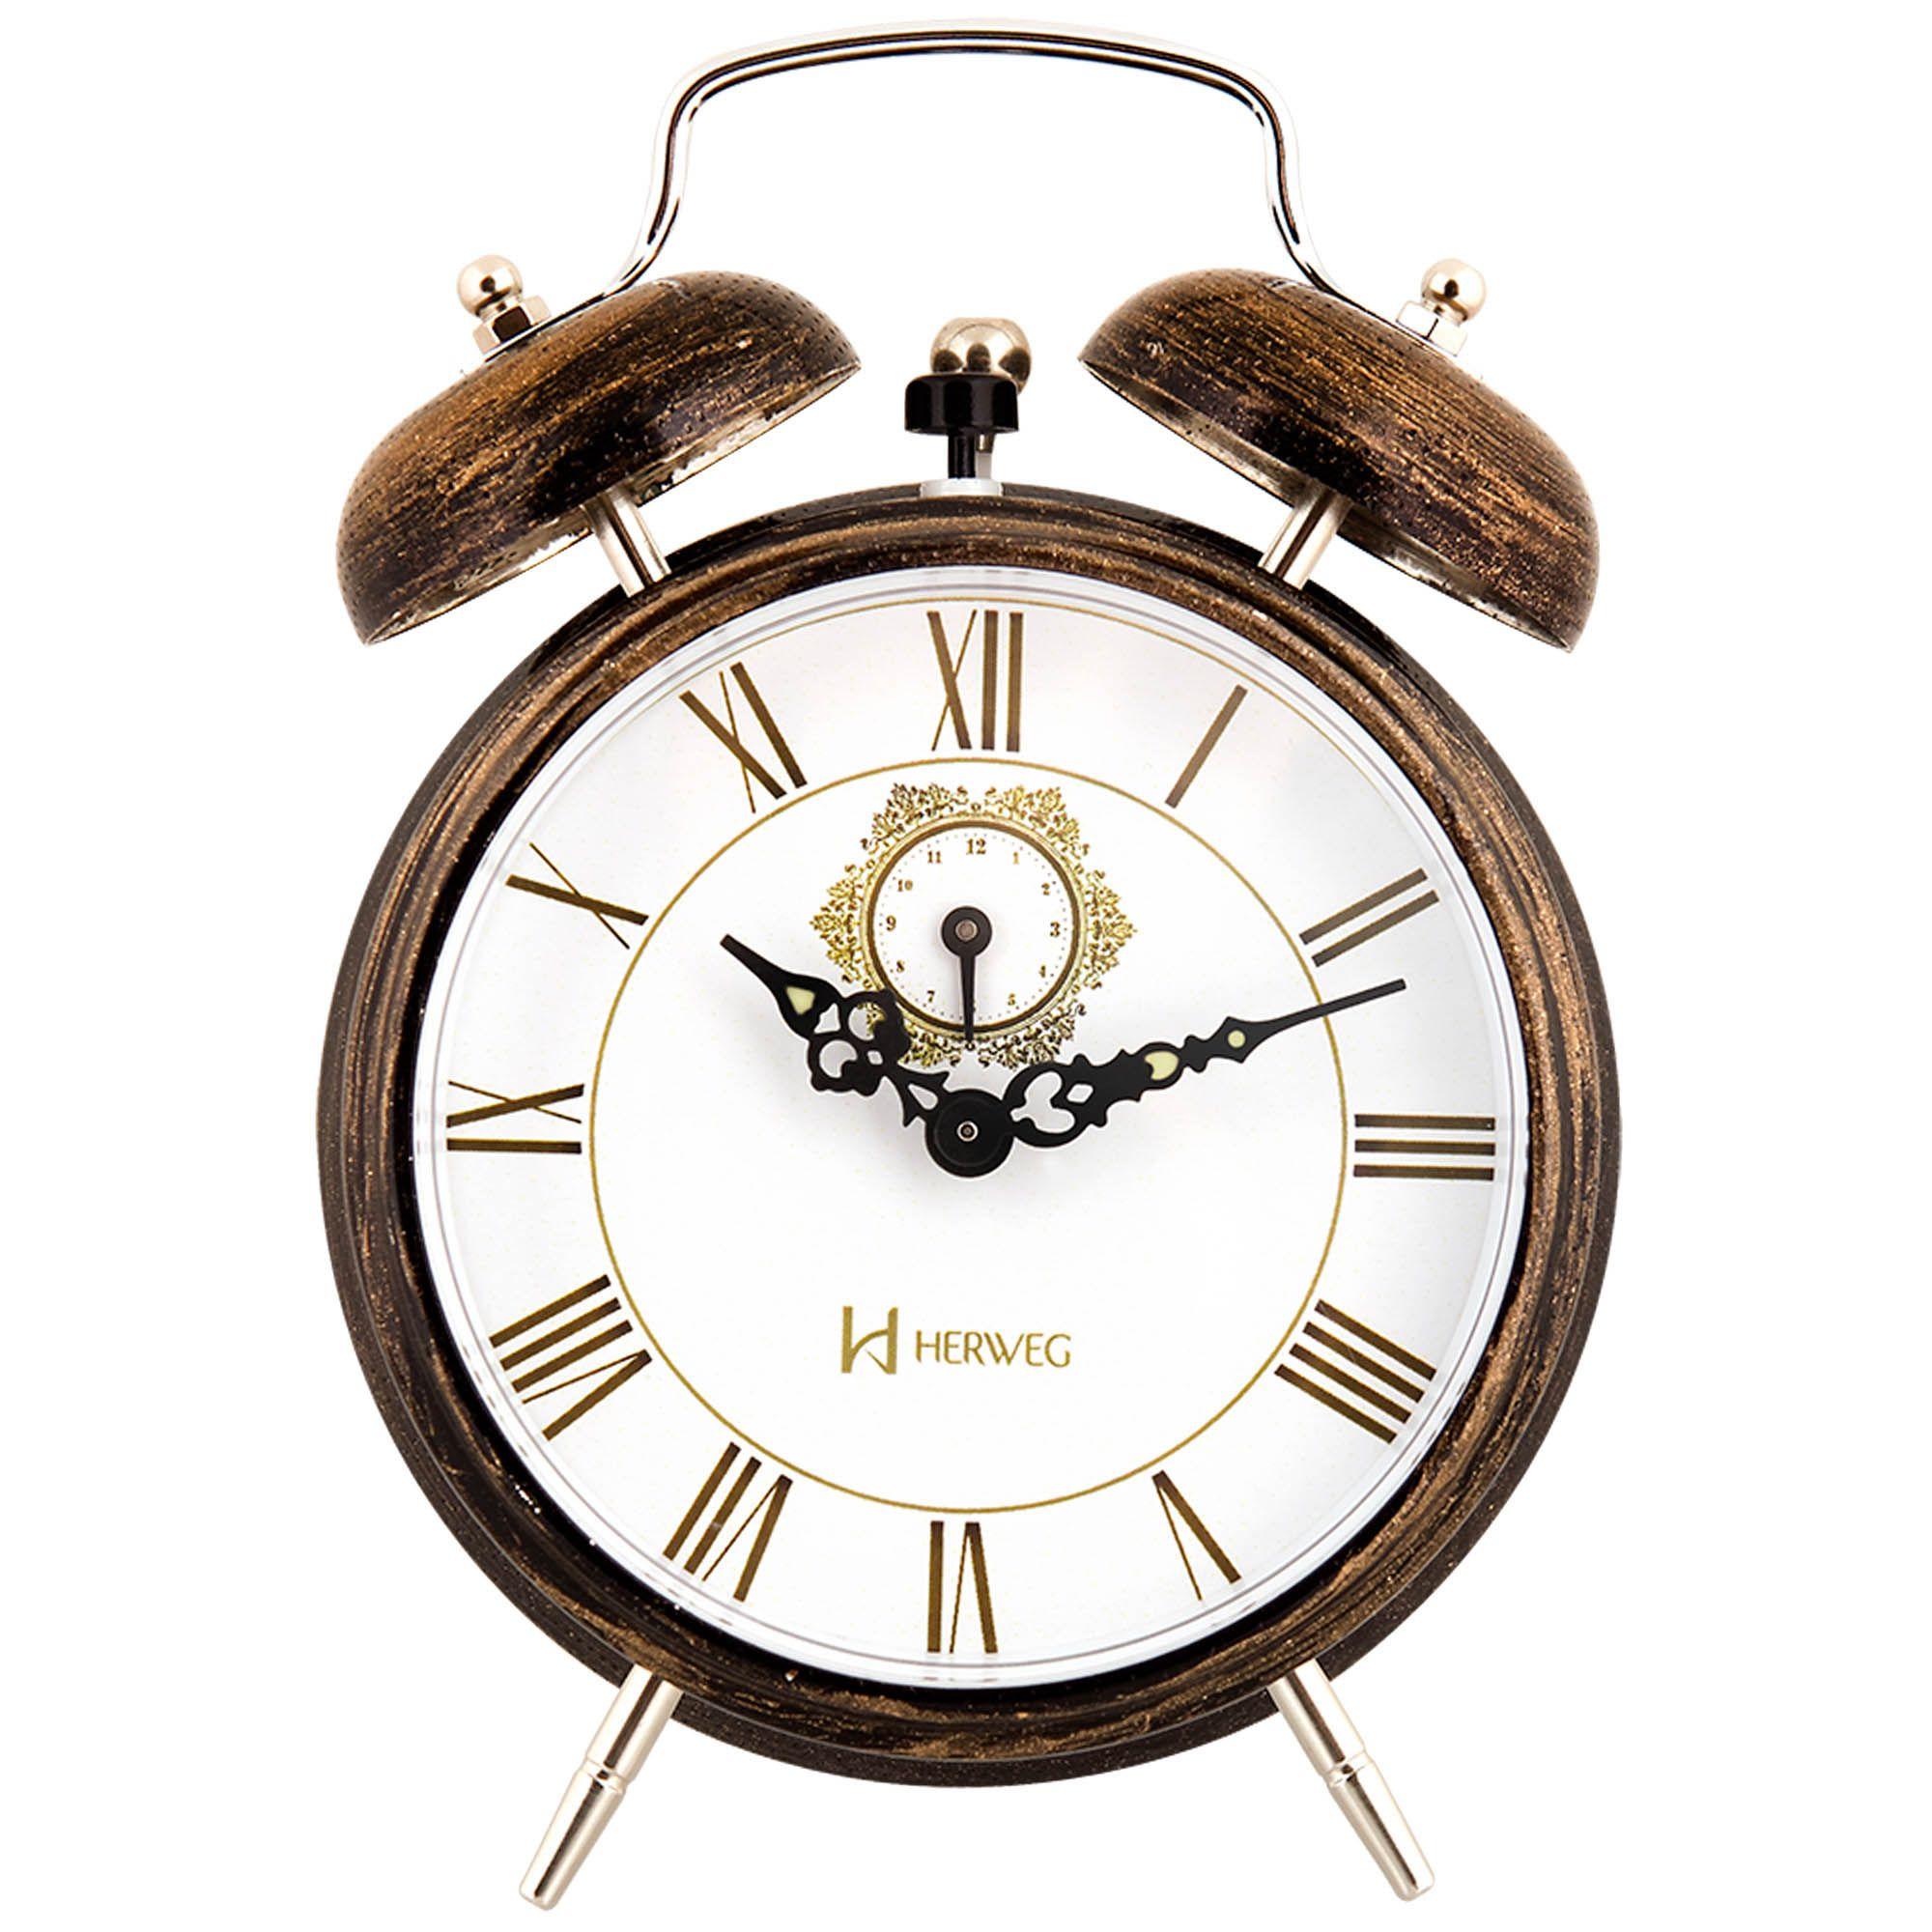 Despertador Analógico Mecânico Herweg 2381 271 Ouro Claro Envelhecido